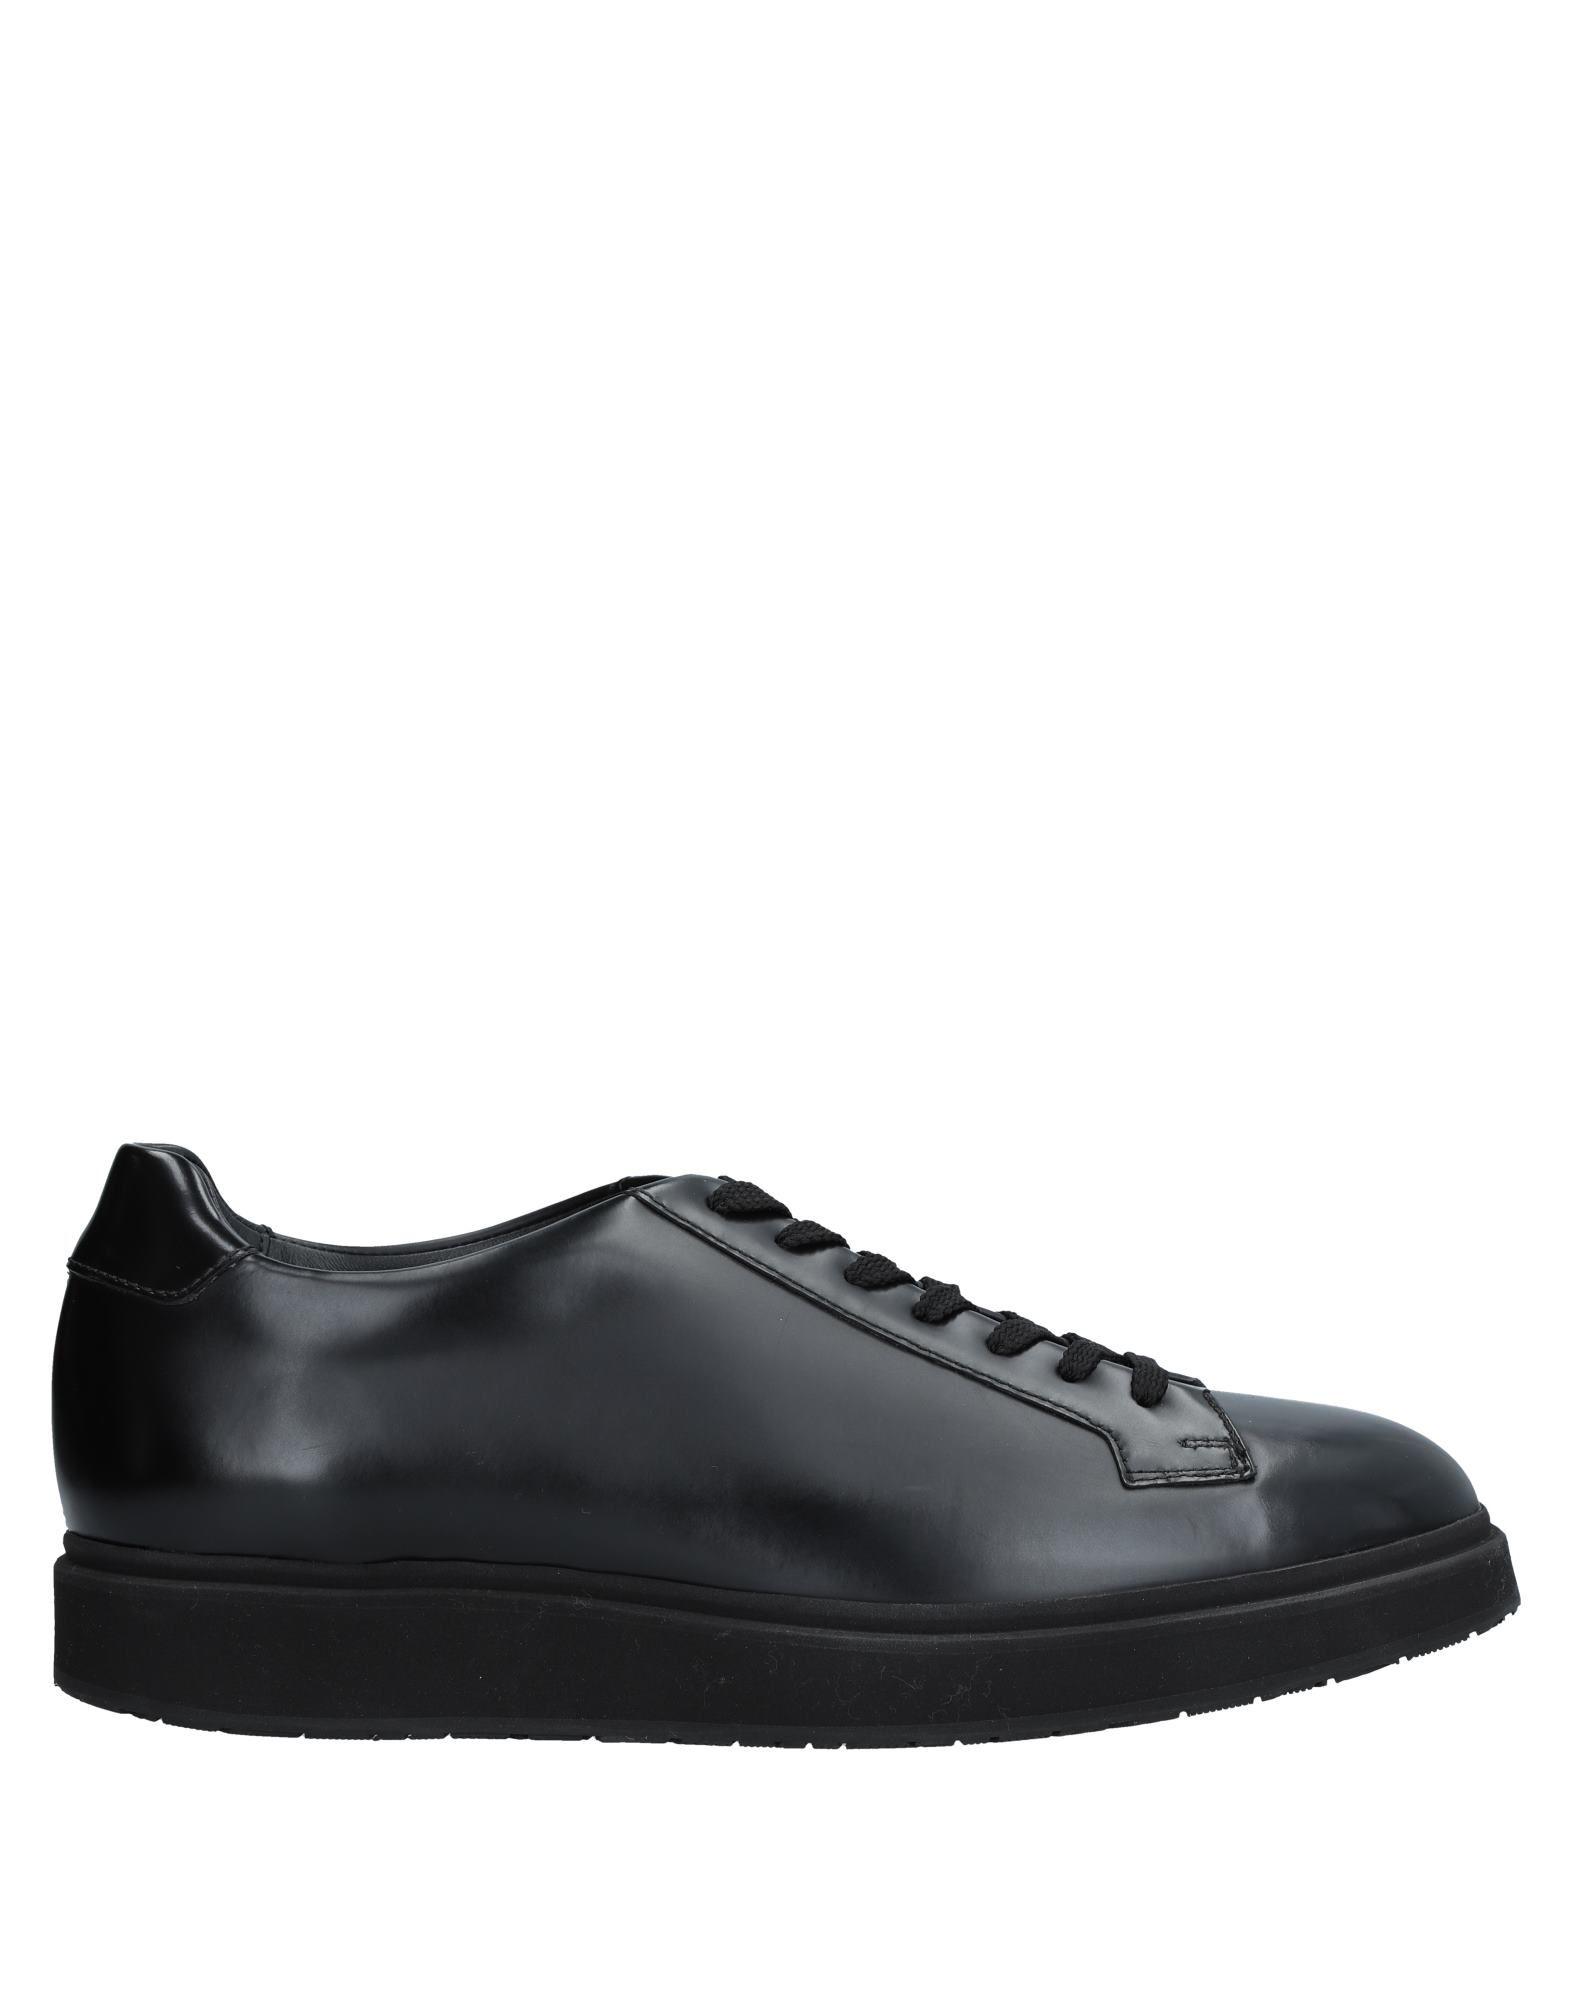 Zapatos de mujer baratos zapatos de mujer Zapatillas  Zapatillas mujer Santoni Hombre - Zapatillas Santoni 71a52c